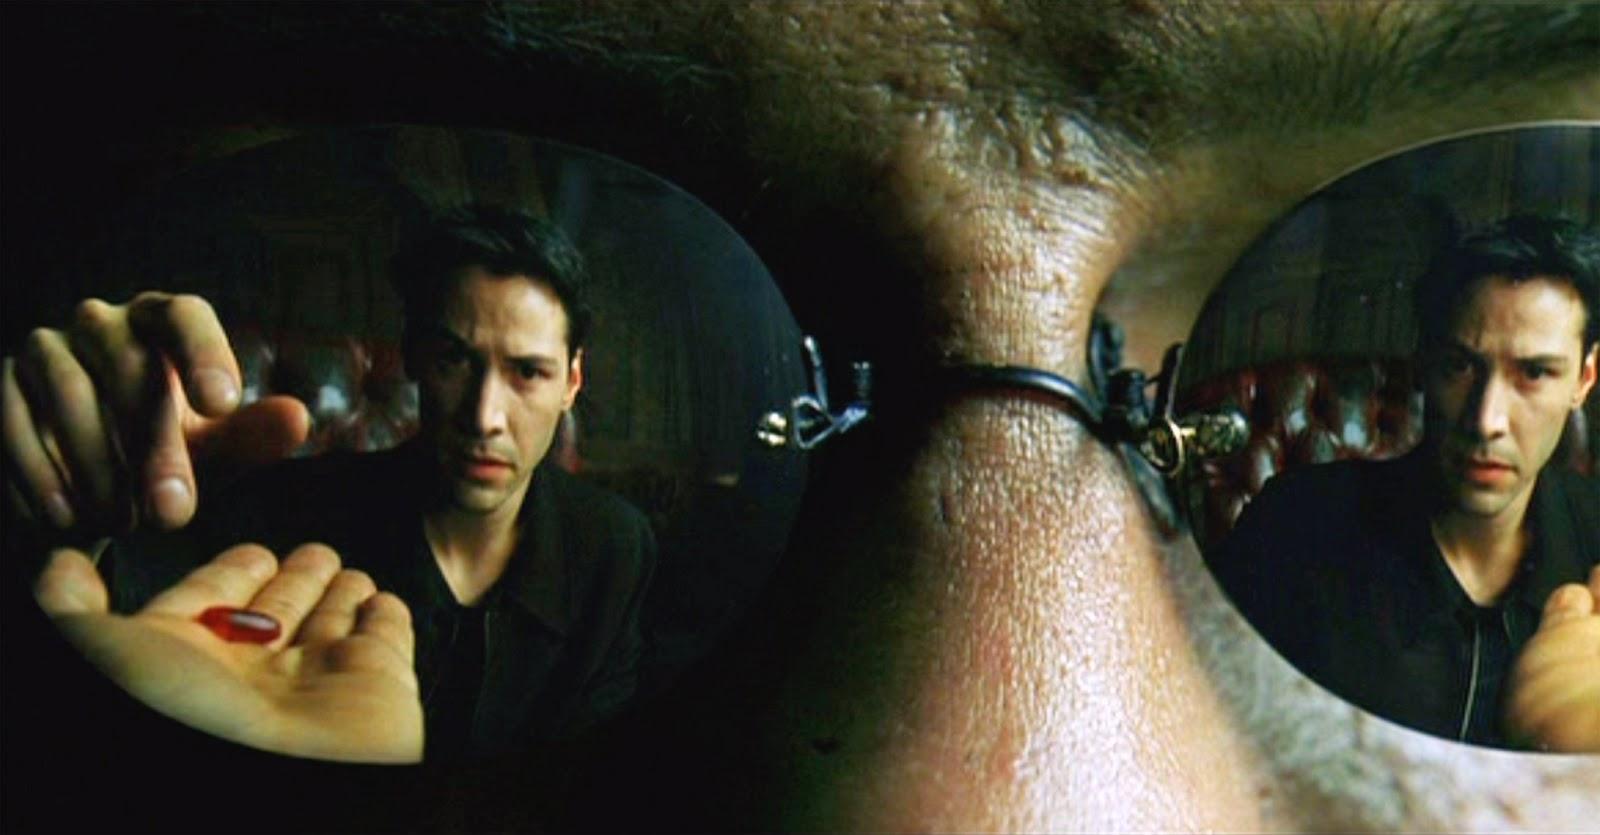 Come la simulazione non può provare la sua incoerenza: Gödel critica Matrix